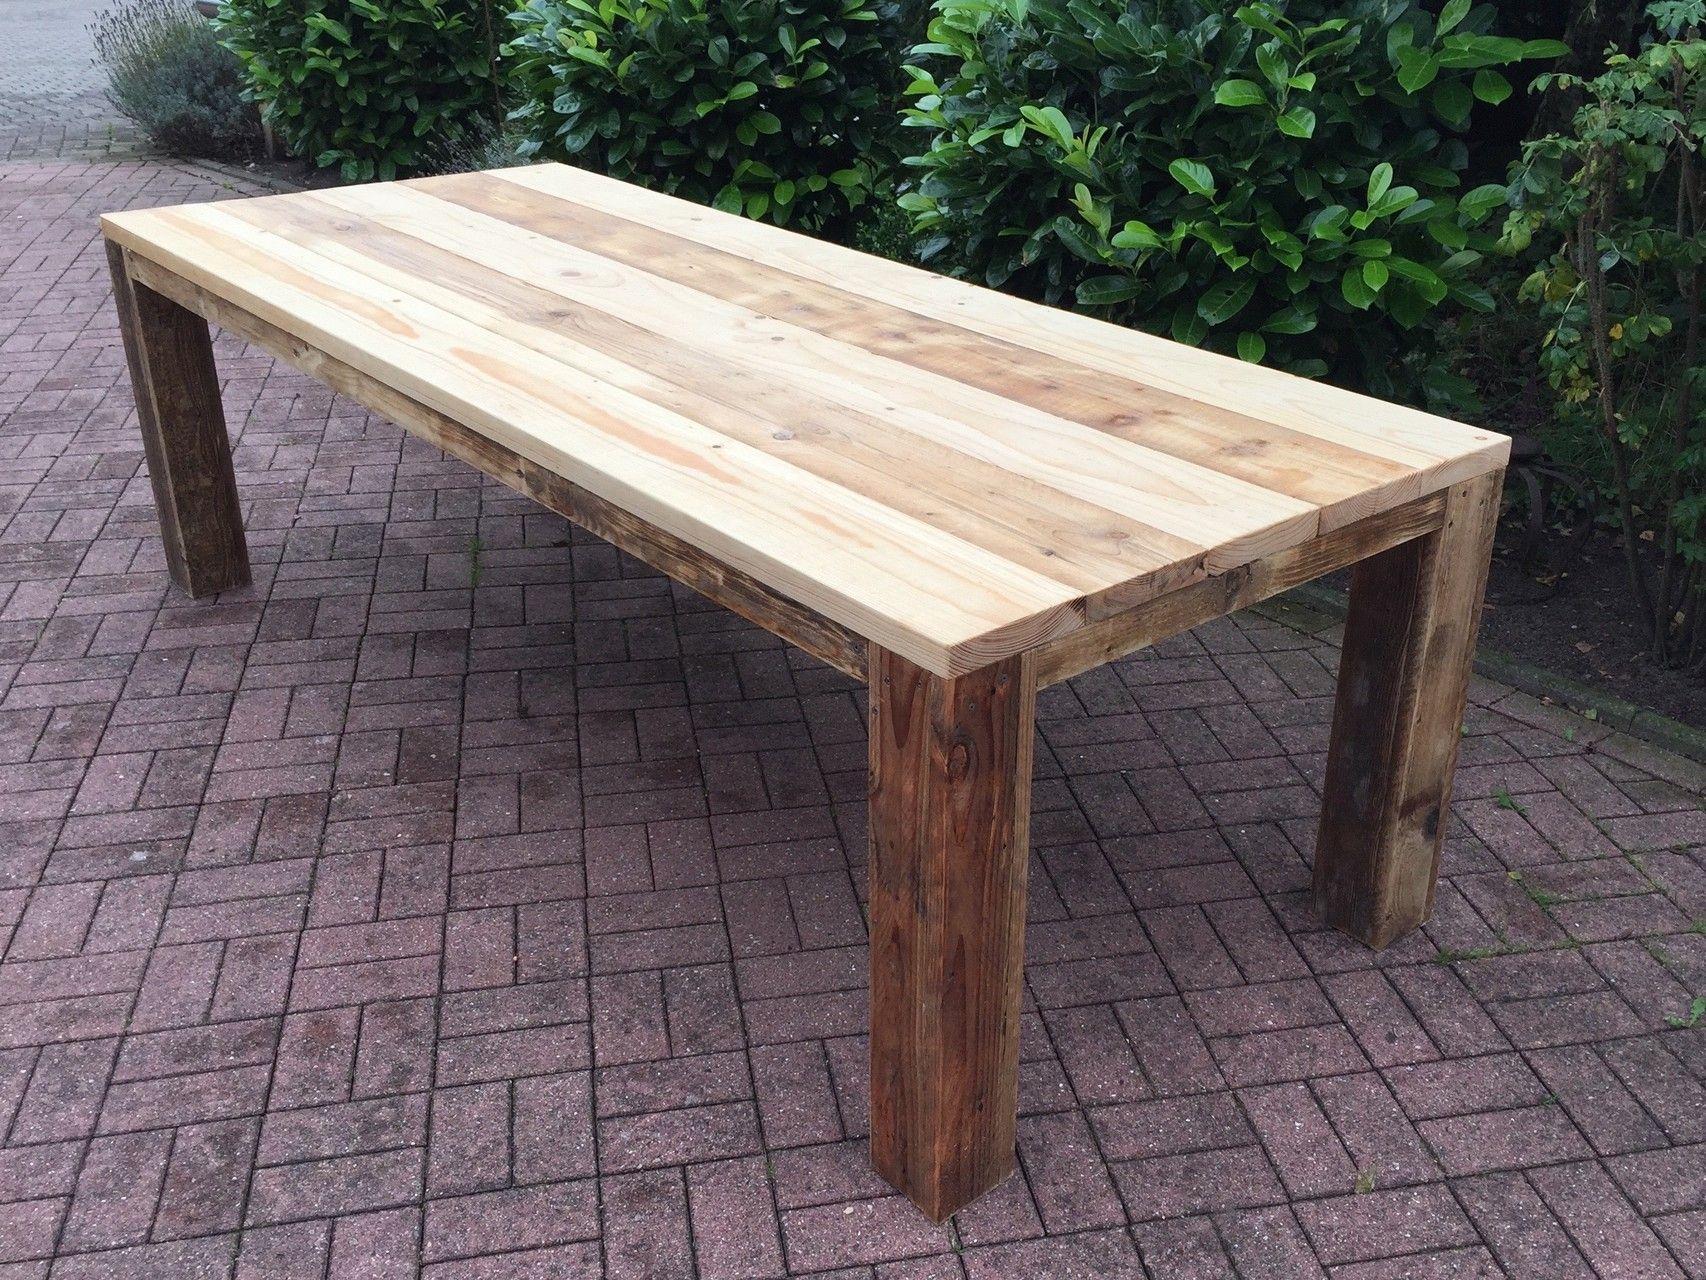 Gartentisch Aus Gebrauchtem Bauholz Geolt Runde Gartentische